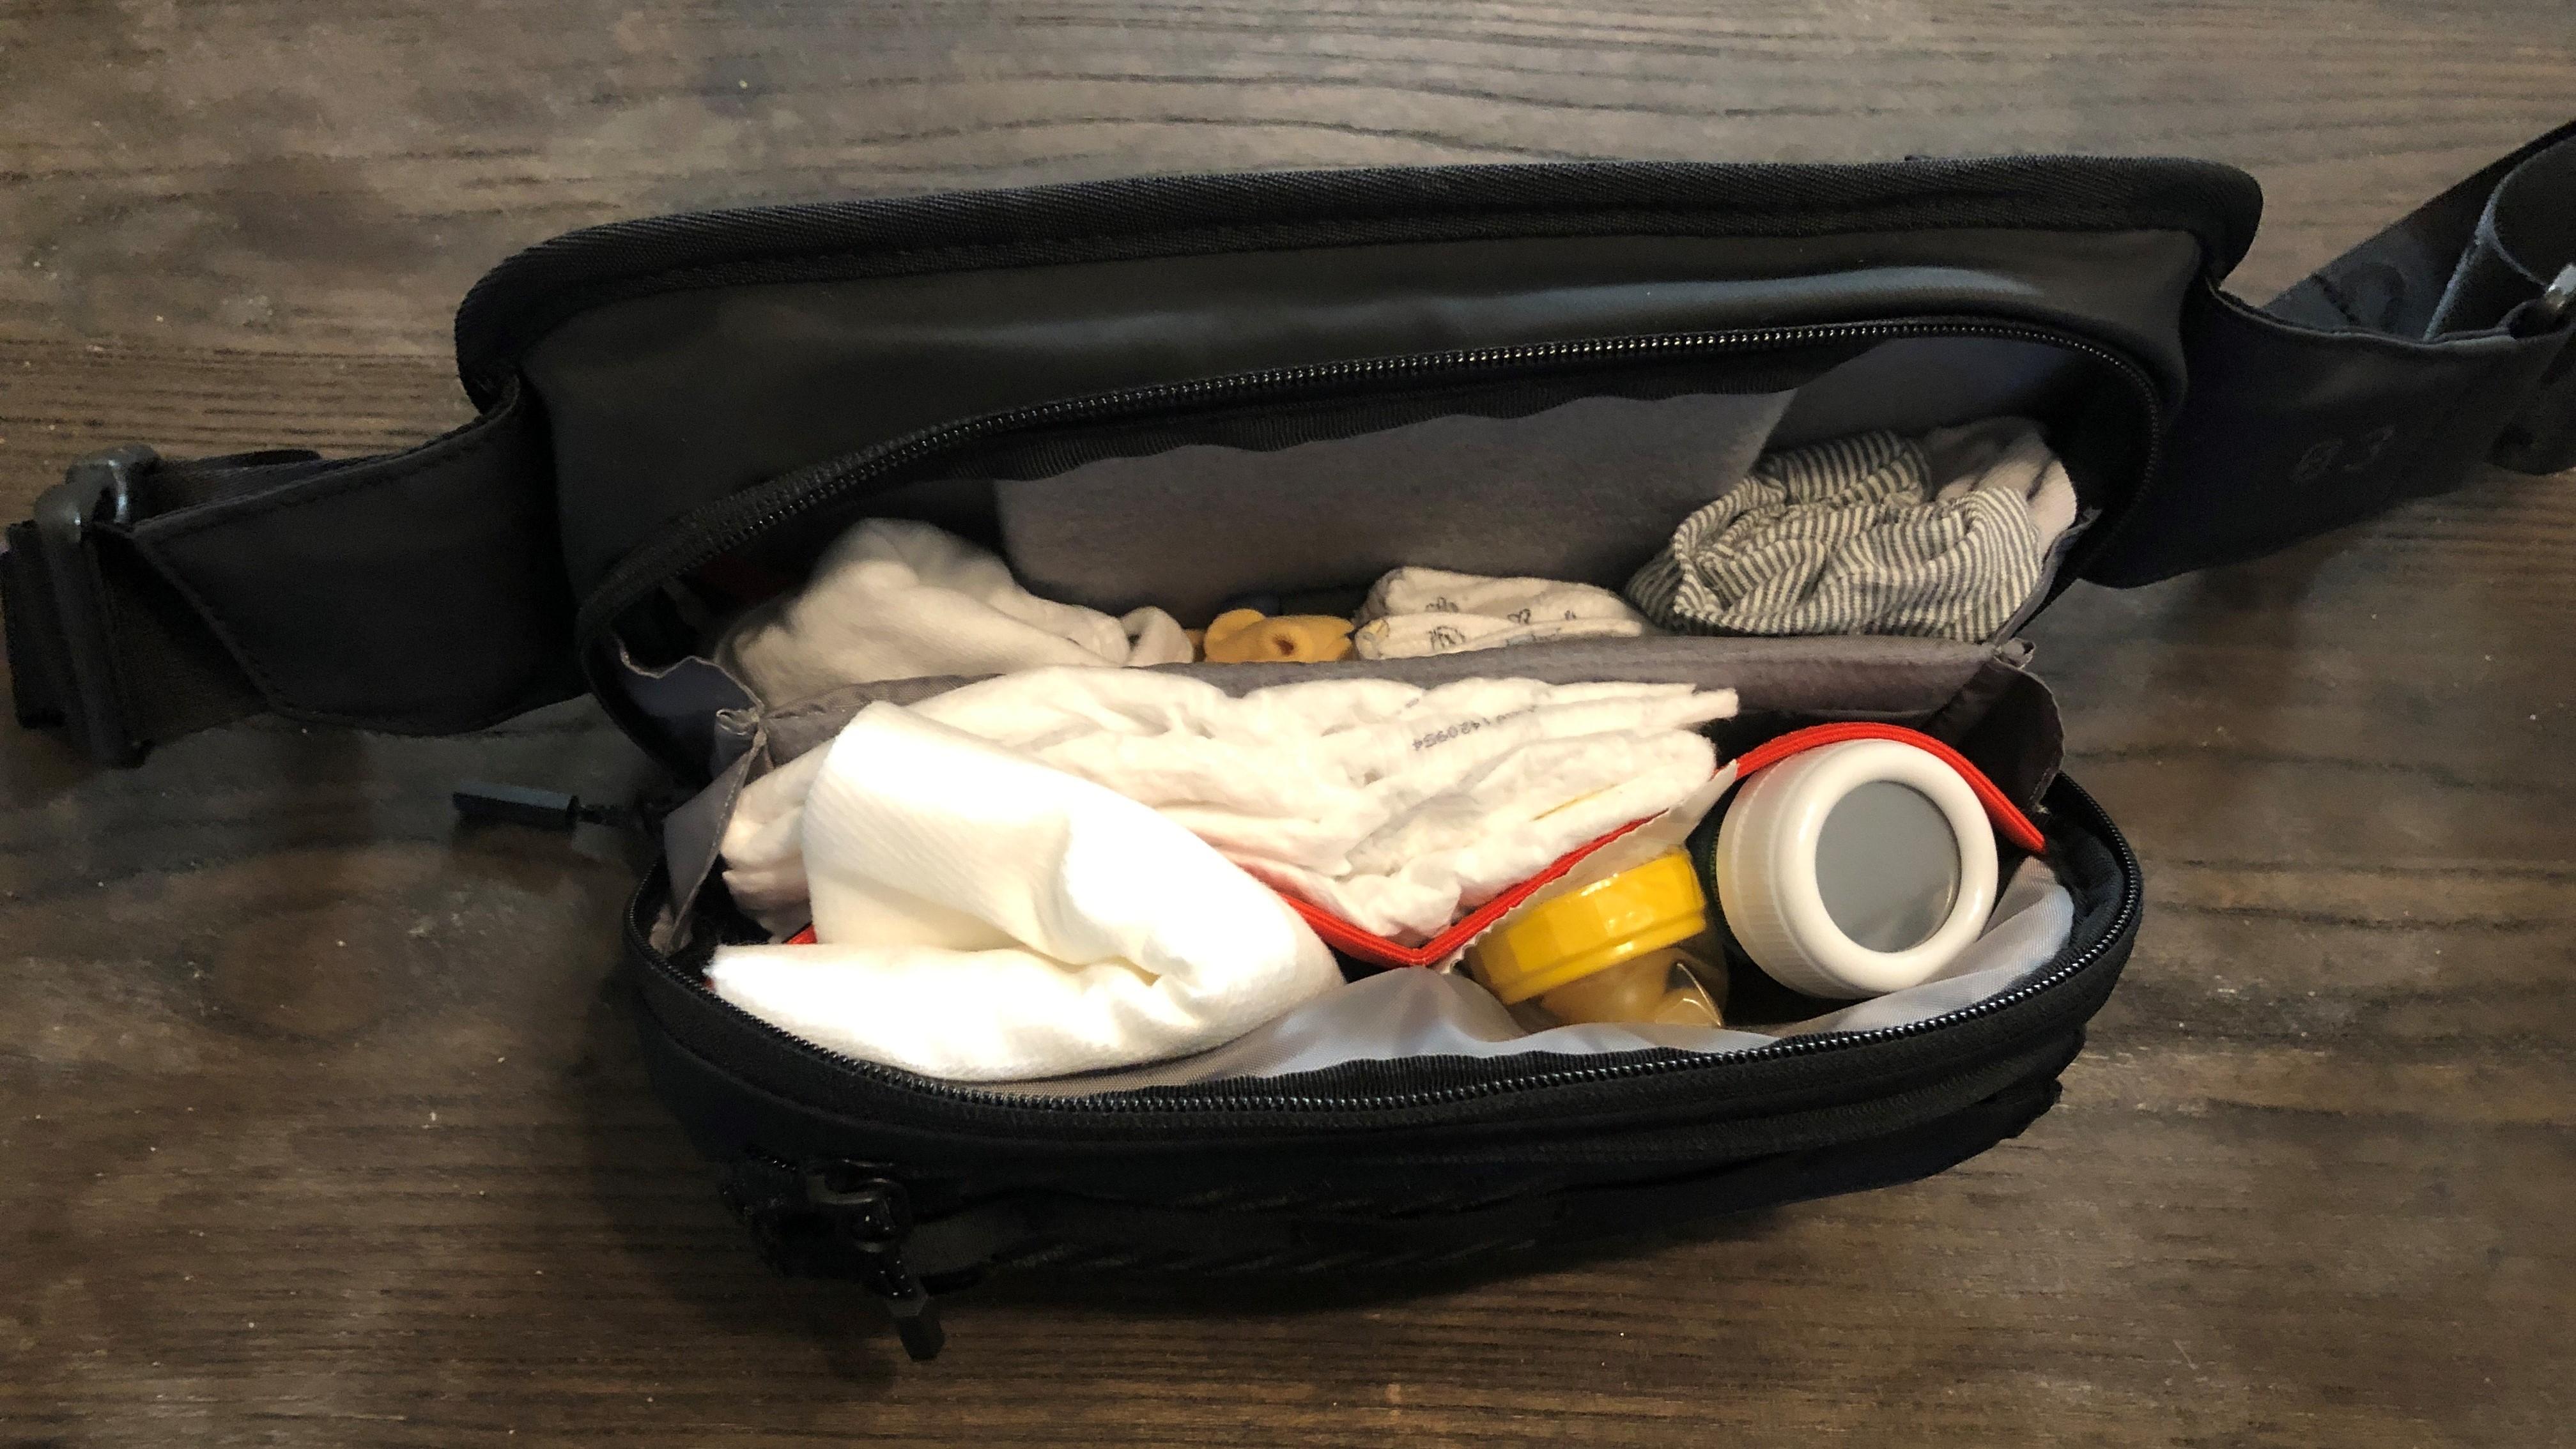 CS03 Cross body bag full of baby stuff.